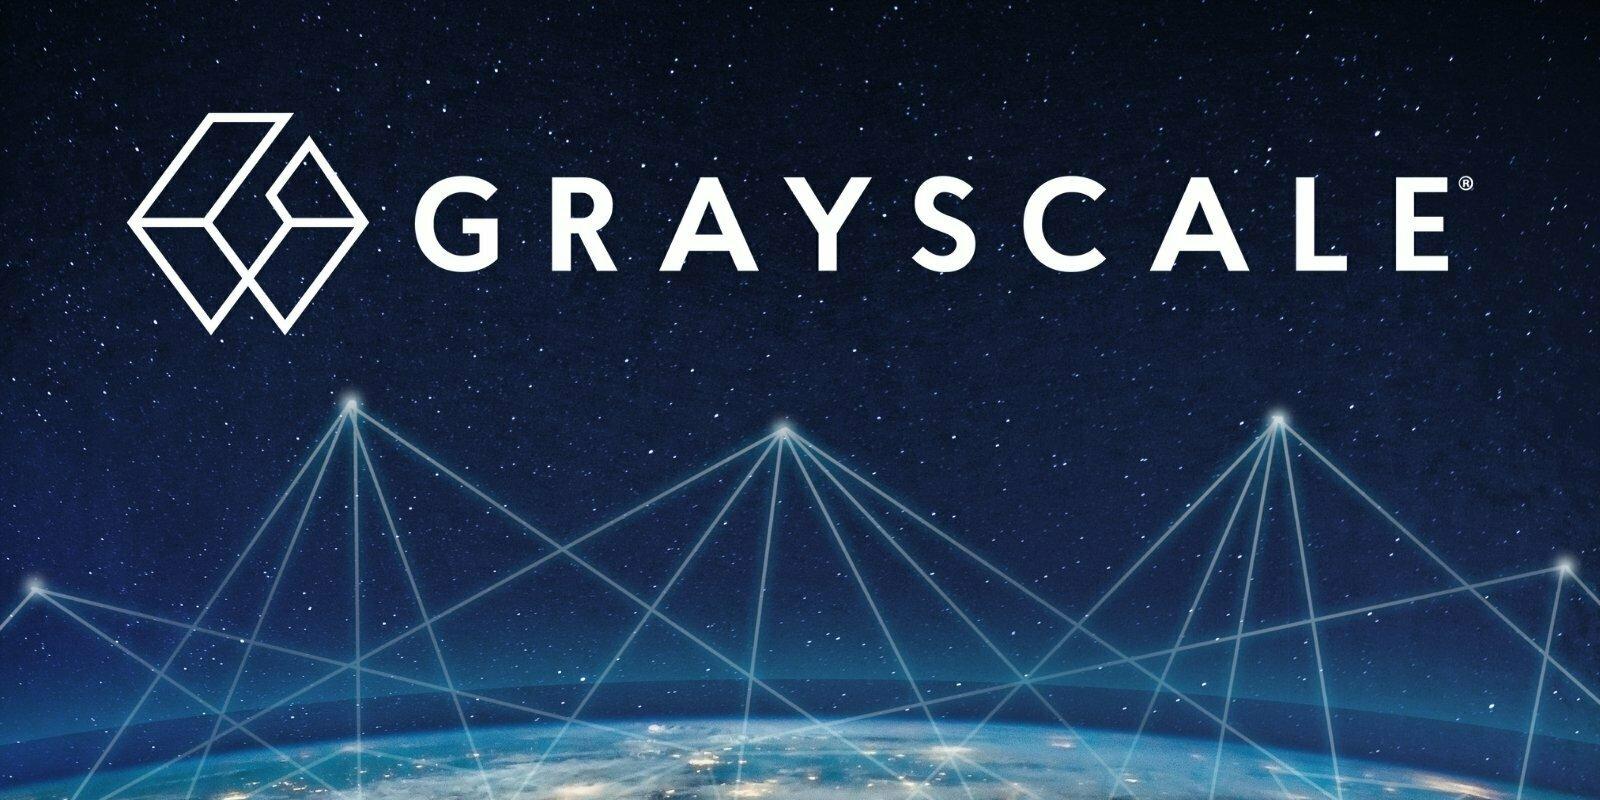 Grayscale lance un fonds dédié à la finance décentralisée (DeFi)